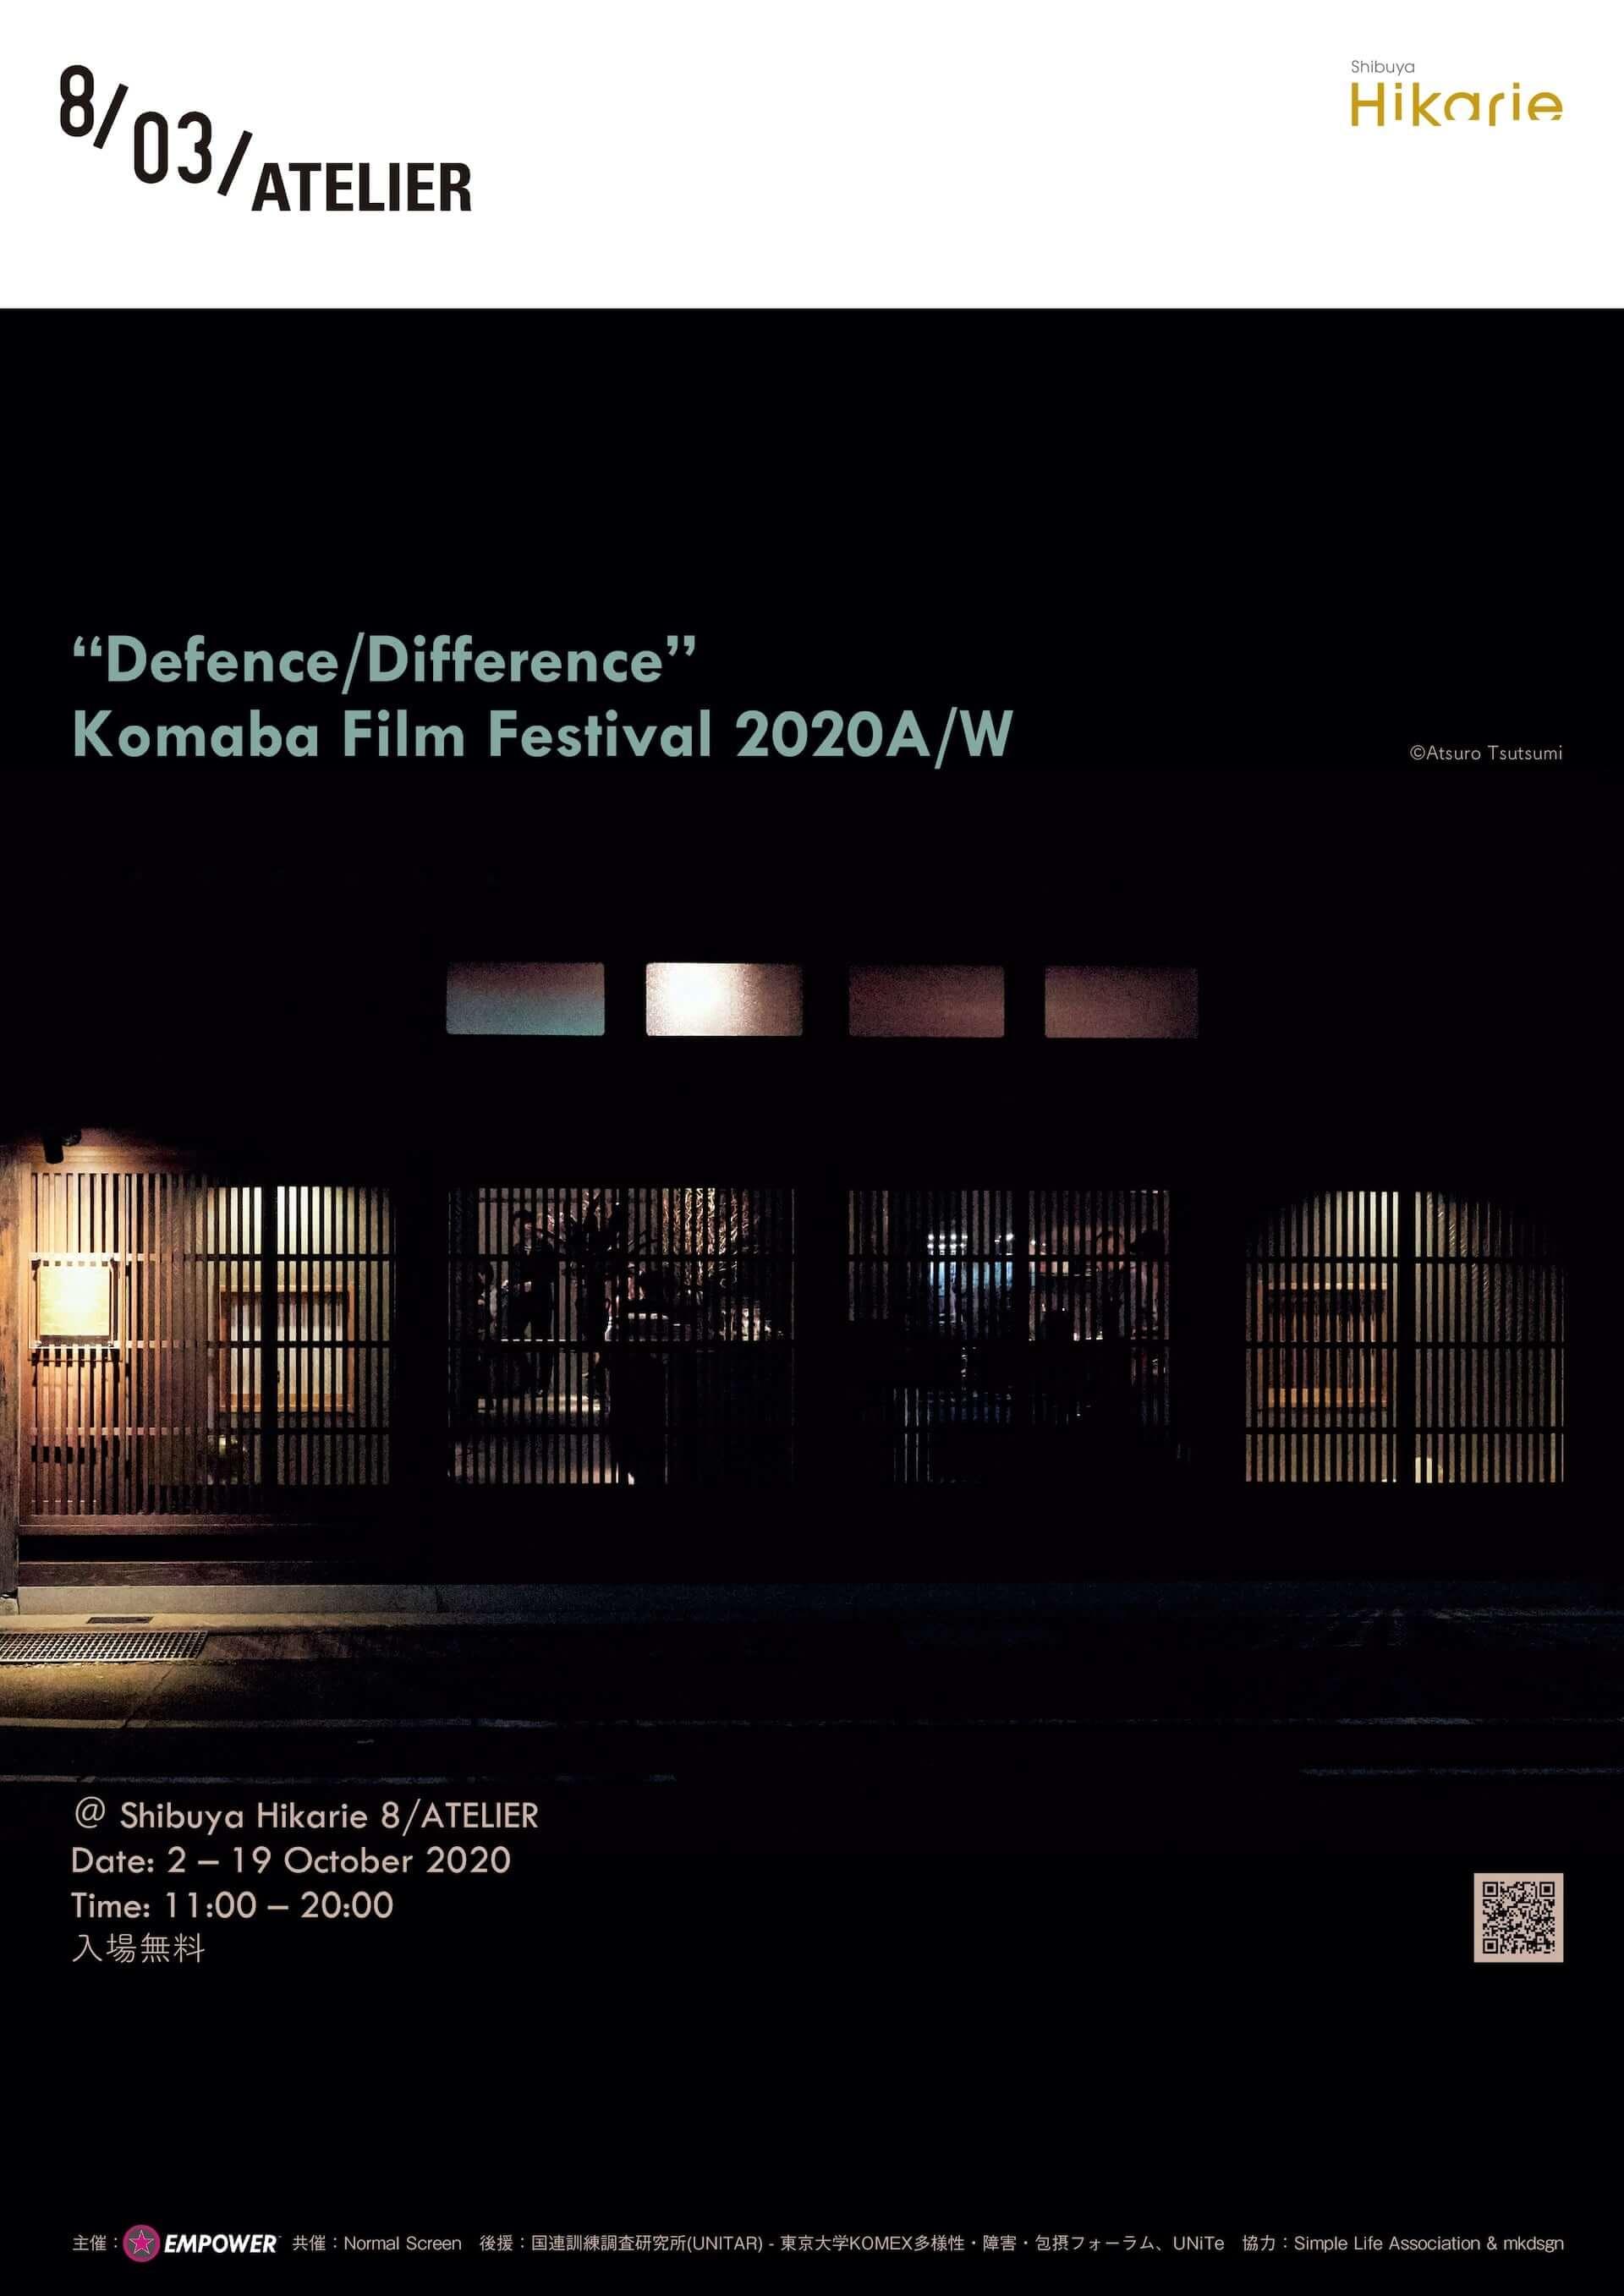 渋谷ヒカリエ「8/ATELIER」にて映像展<Komaba Film Festival 2020A/W>が開催中!映画『a hope of Nagasaki 優しい人たち』の試写会も実施 art201006_hikarie8_4-1920x2715